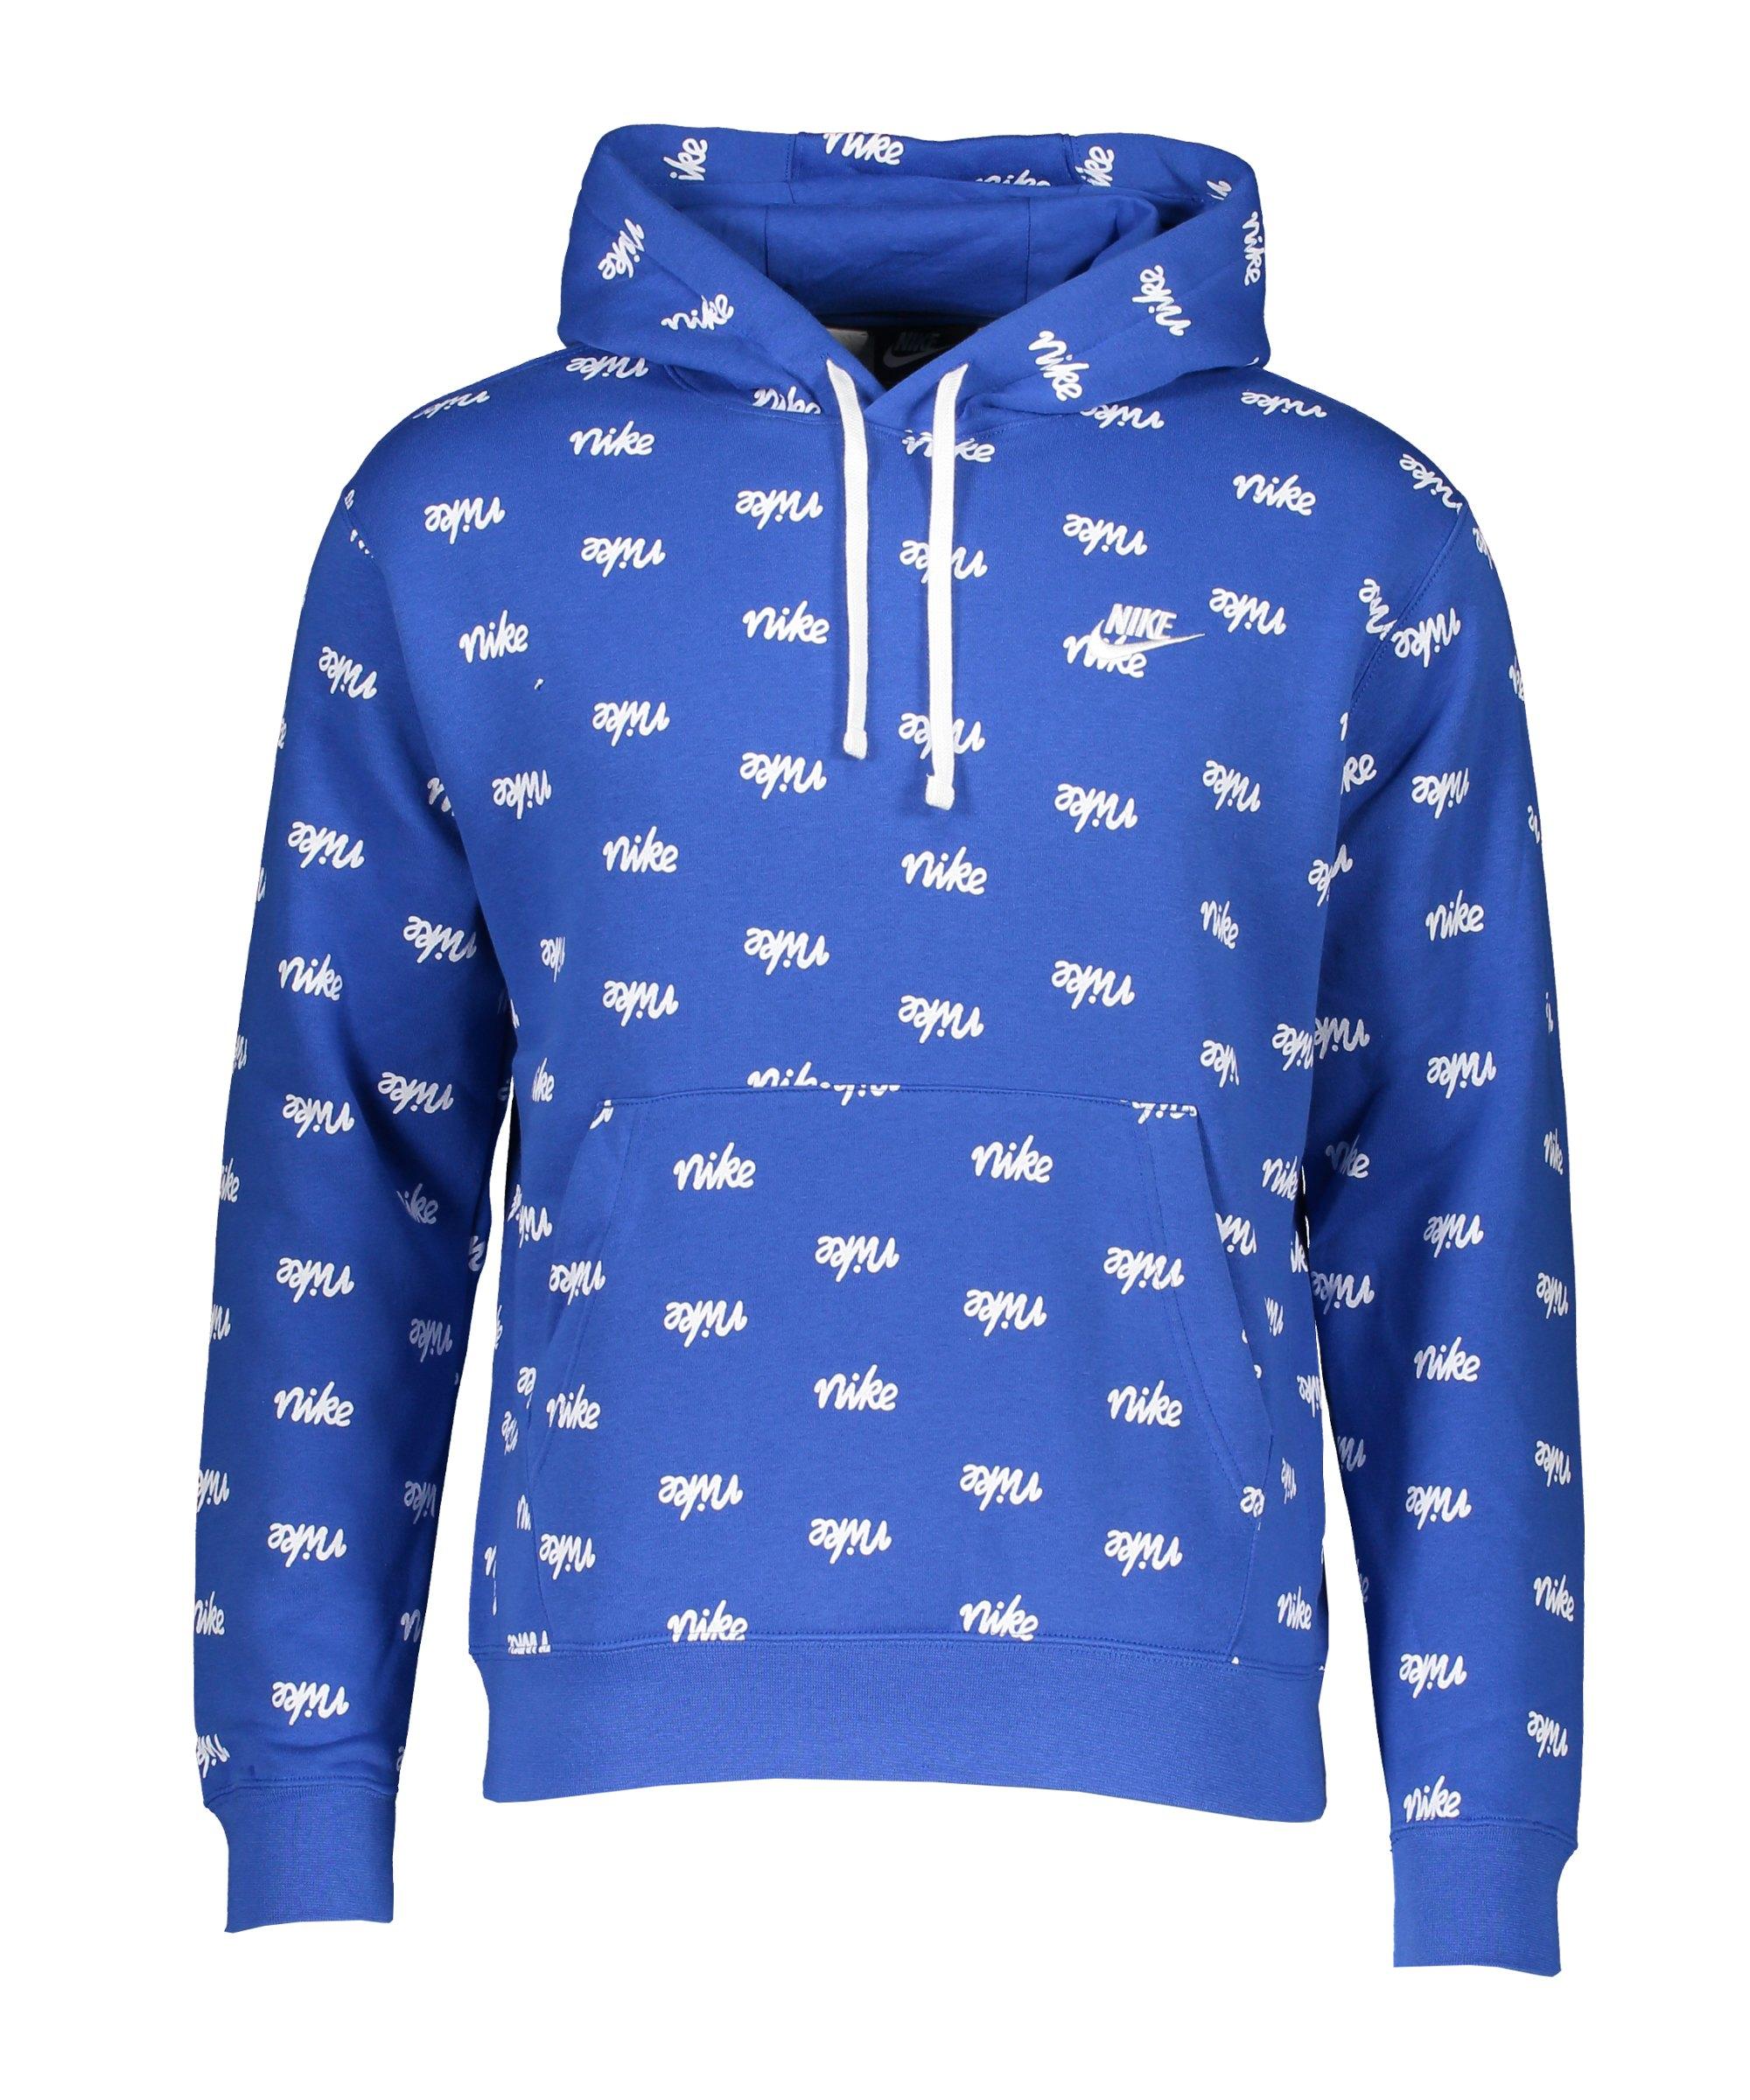 Nike Club Script Hoody Blau Weiss F480 - blau